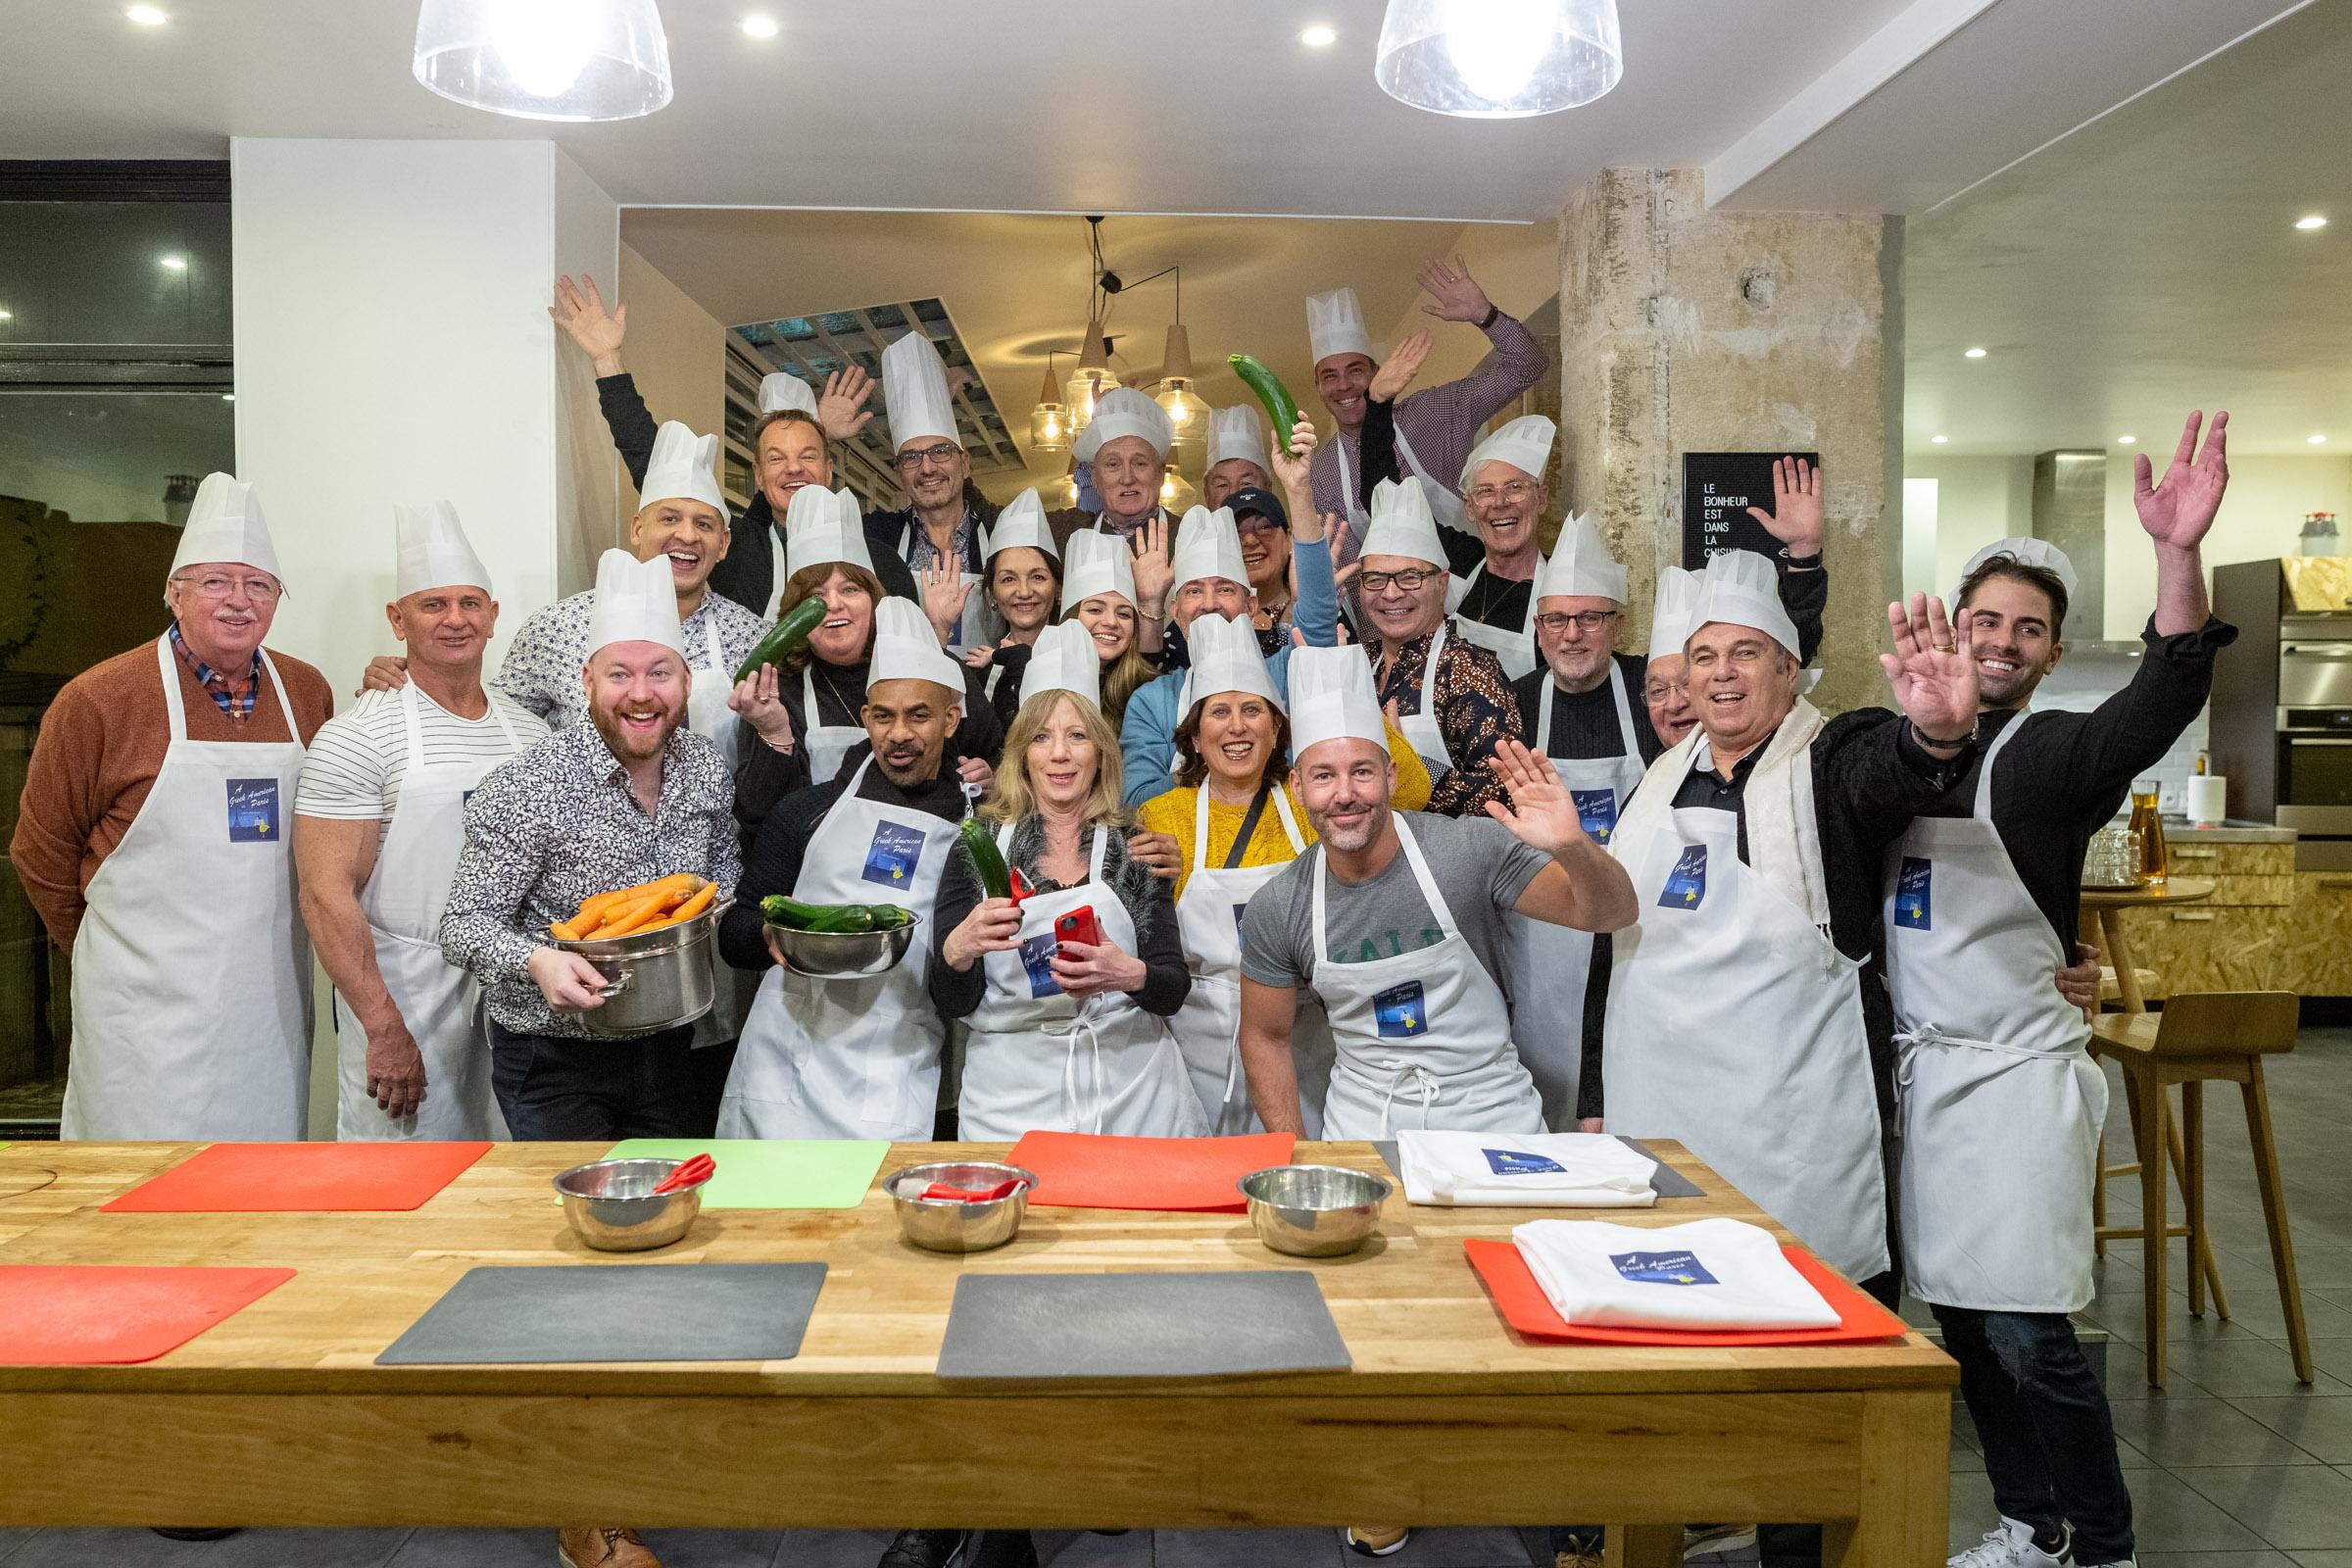 guillaume galmiche photographe événementiel corporate paris chef martial-cours de cuisine-paris-le marais-guillaume galmiche-reportage-highwire photography